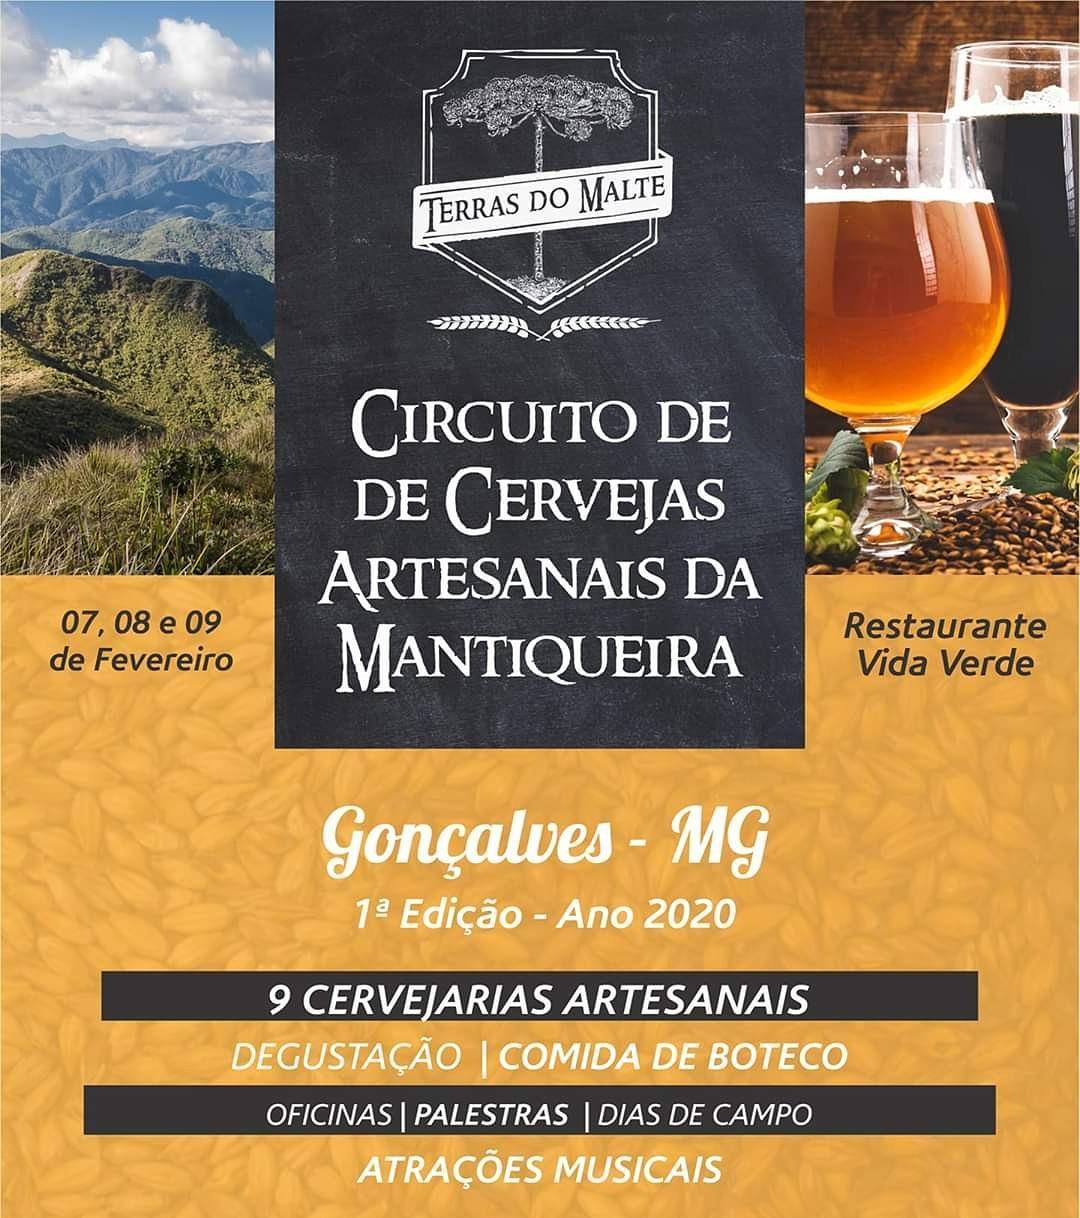 Terras do Malte - Circuito de Cervejas Artesanais da Mantiqueira